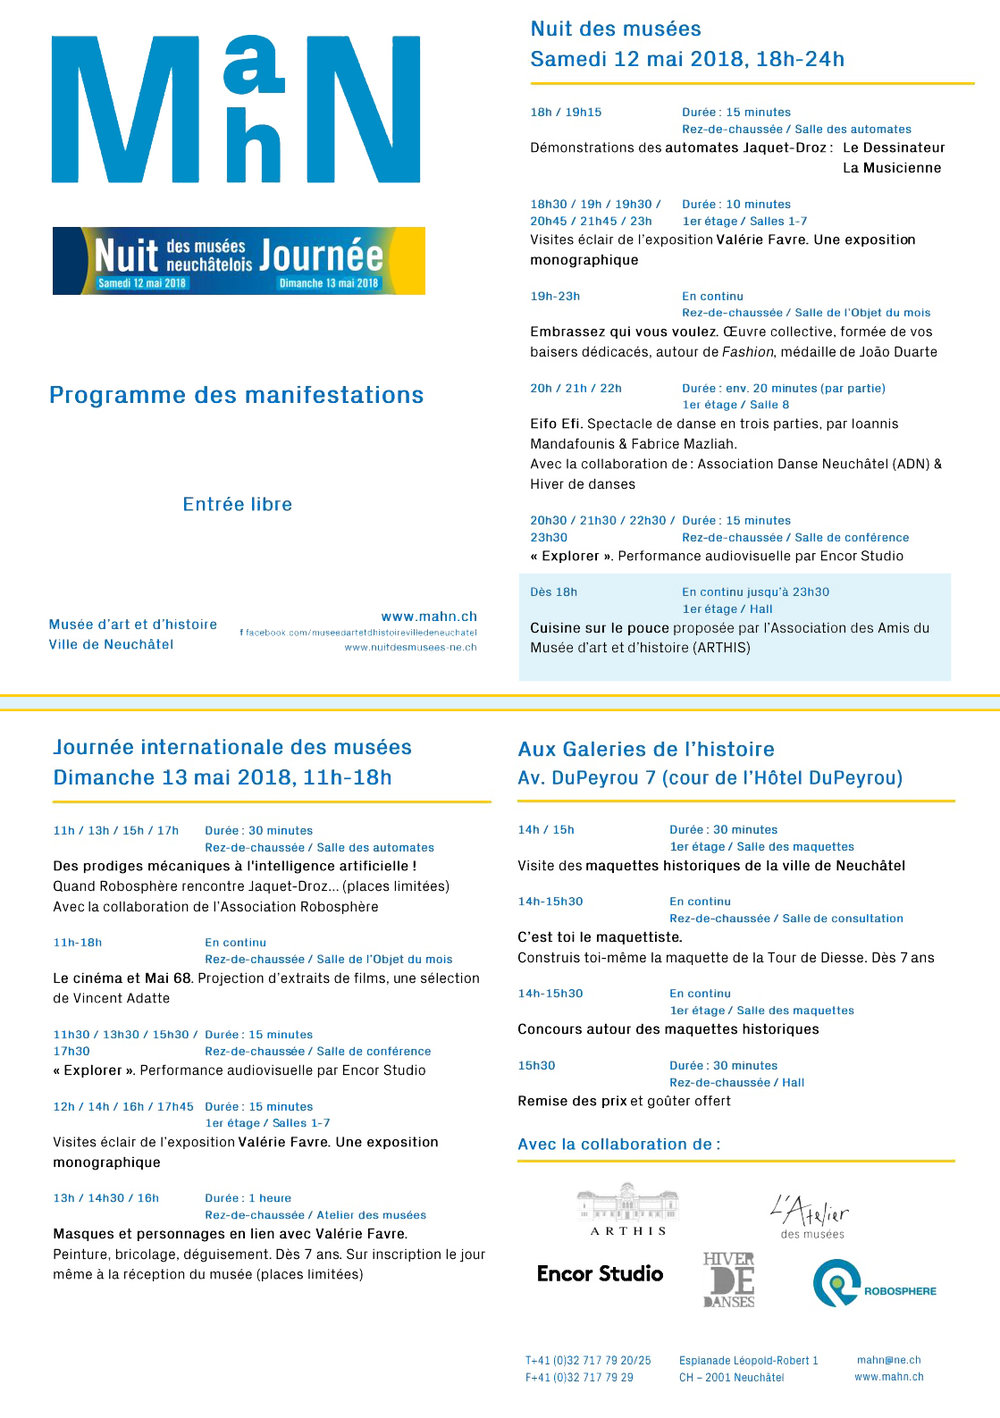 Programme du MahN pour la nuit des musées 2018, ainsi que pour la journée du lendemain